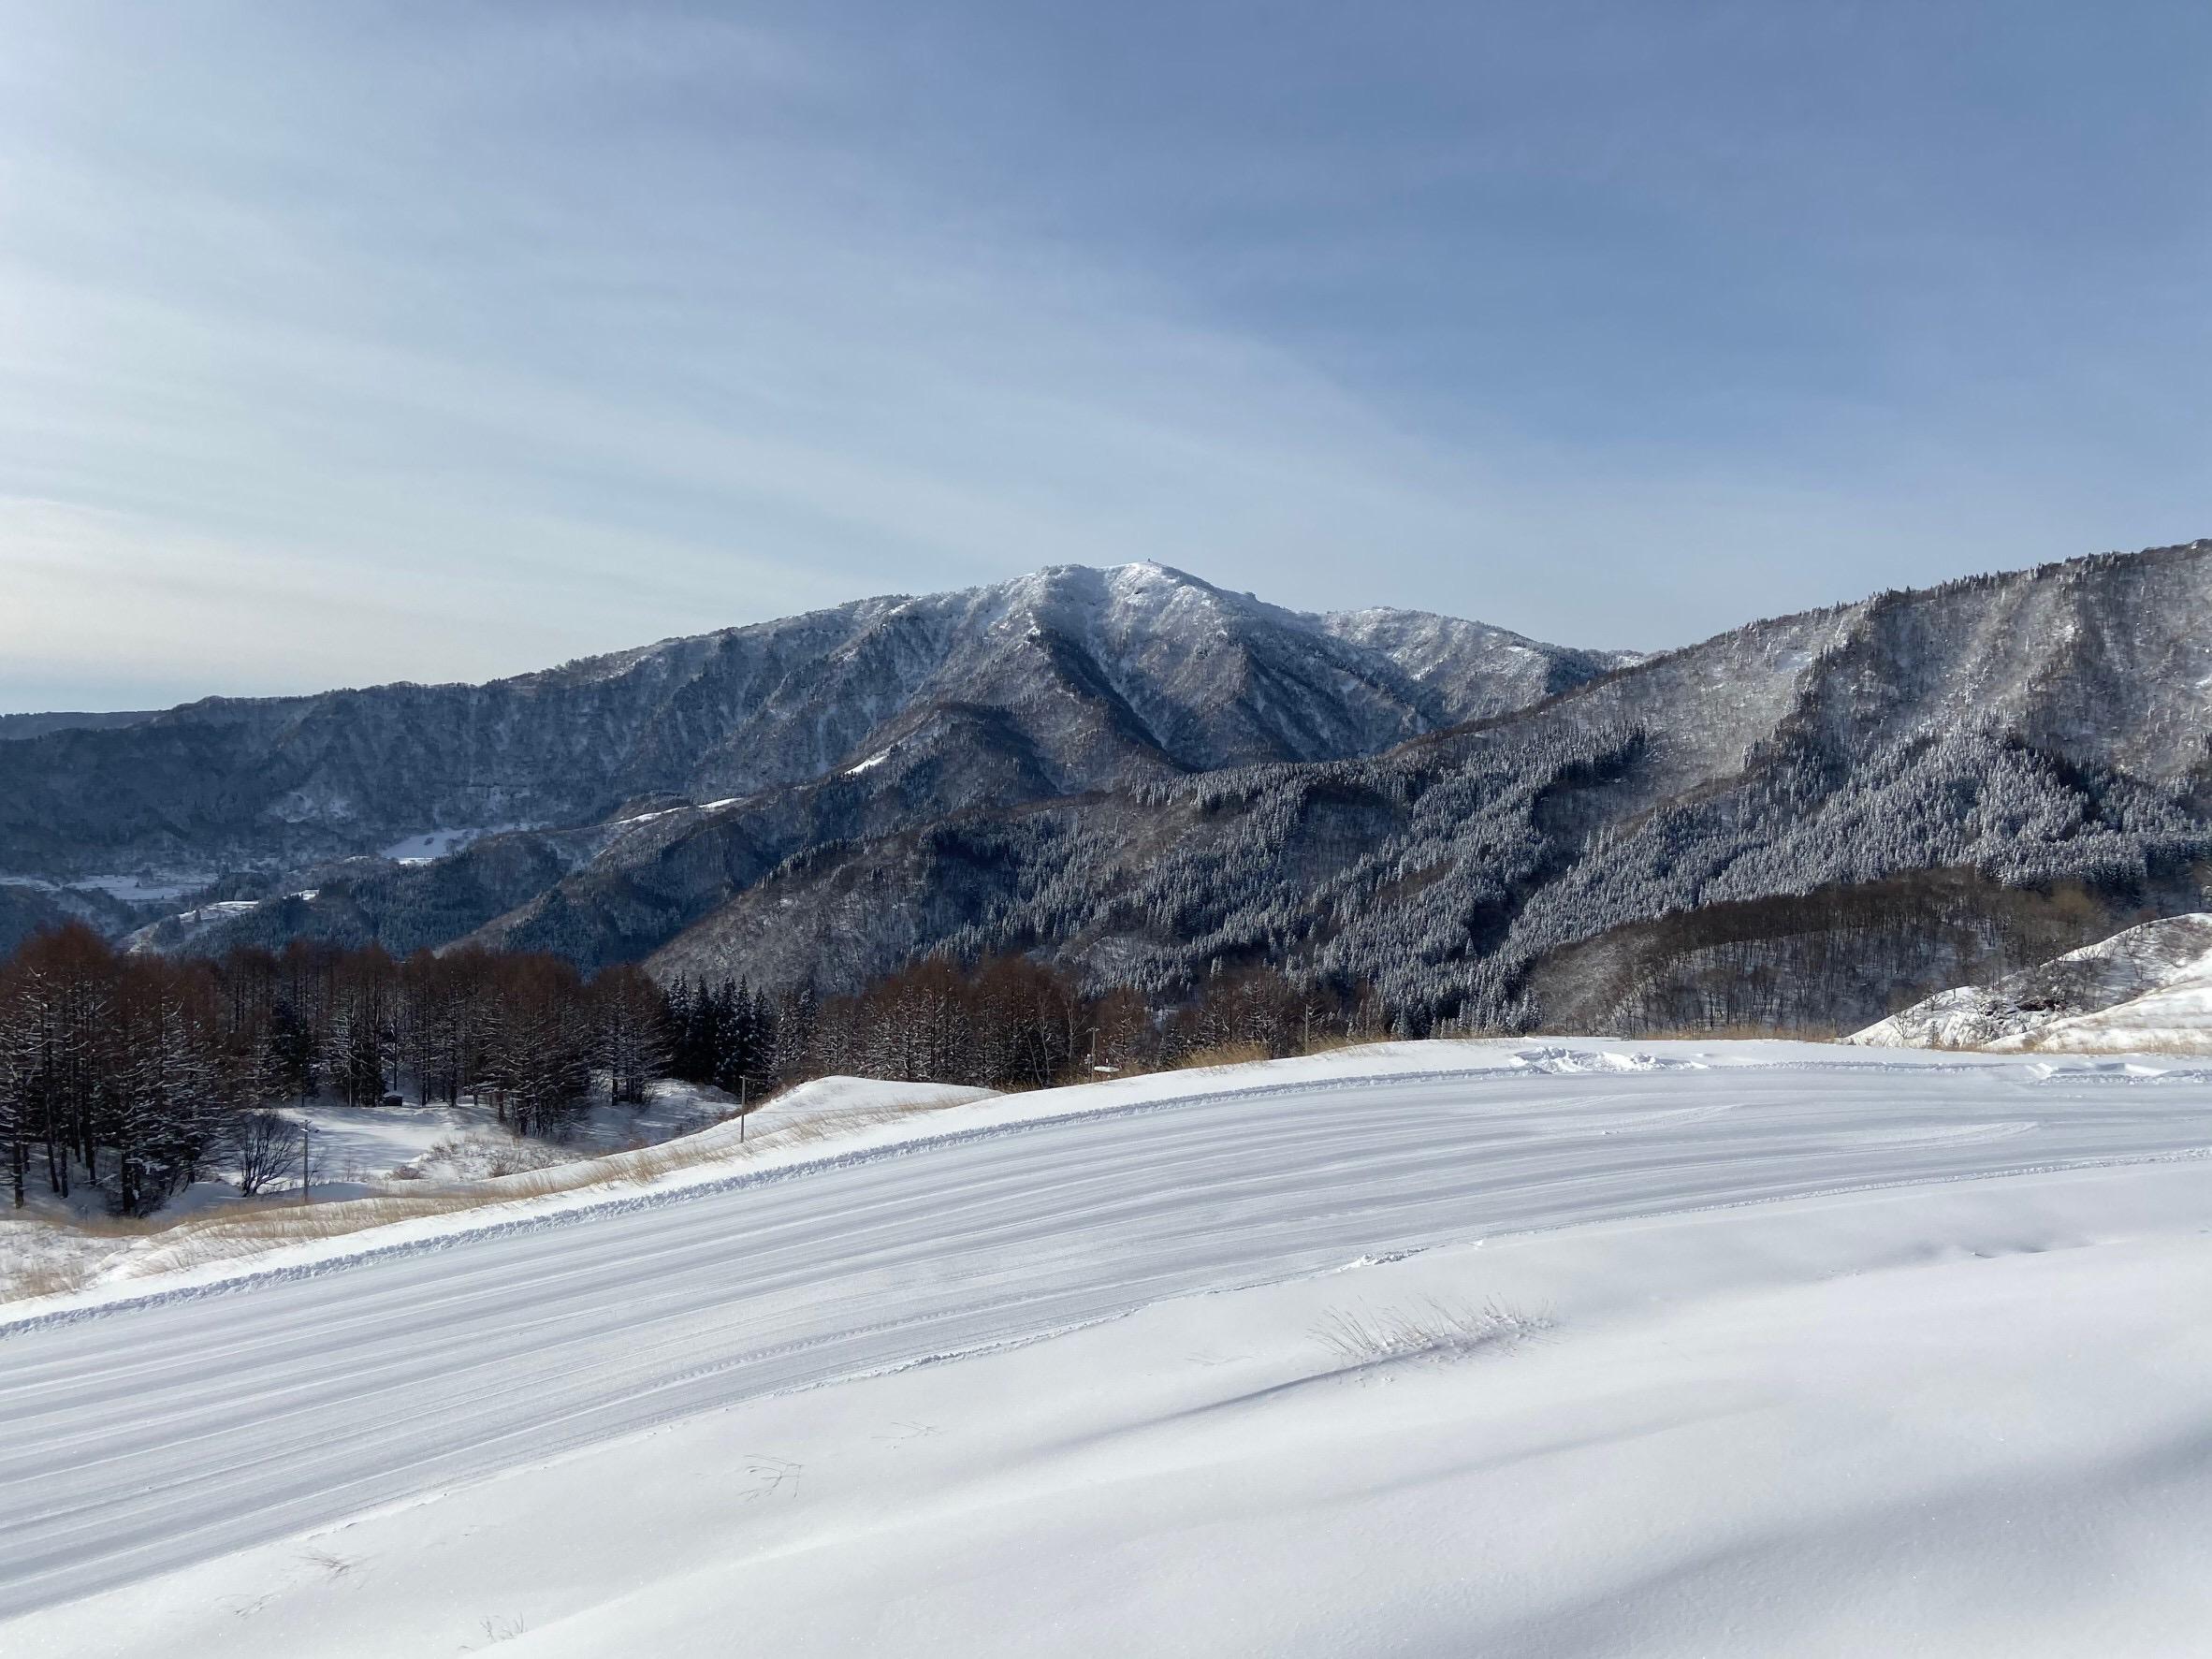 ハチ高原 積雪 2月